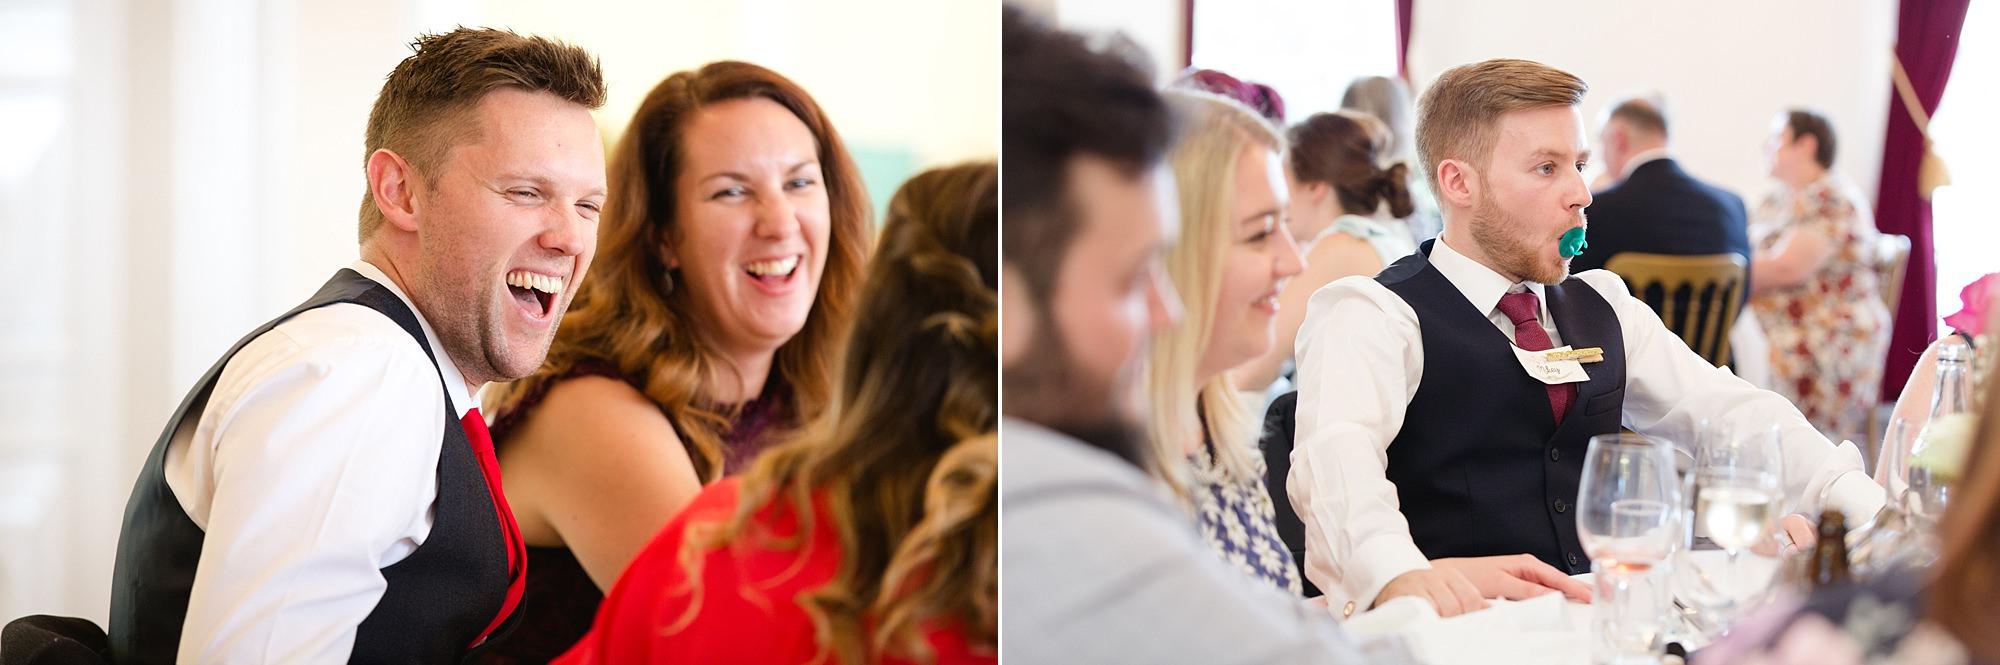 Trafalgar Tavern wedding guests laughing during meal